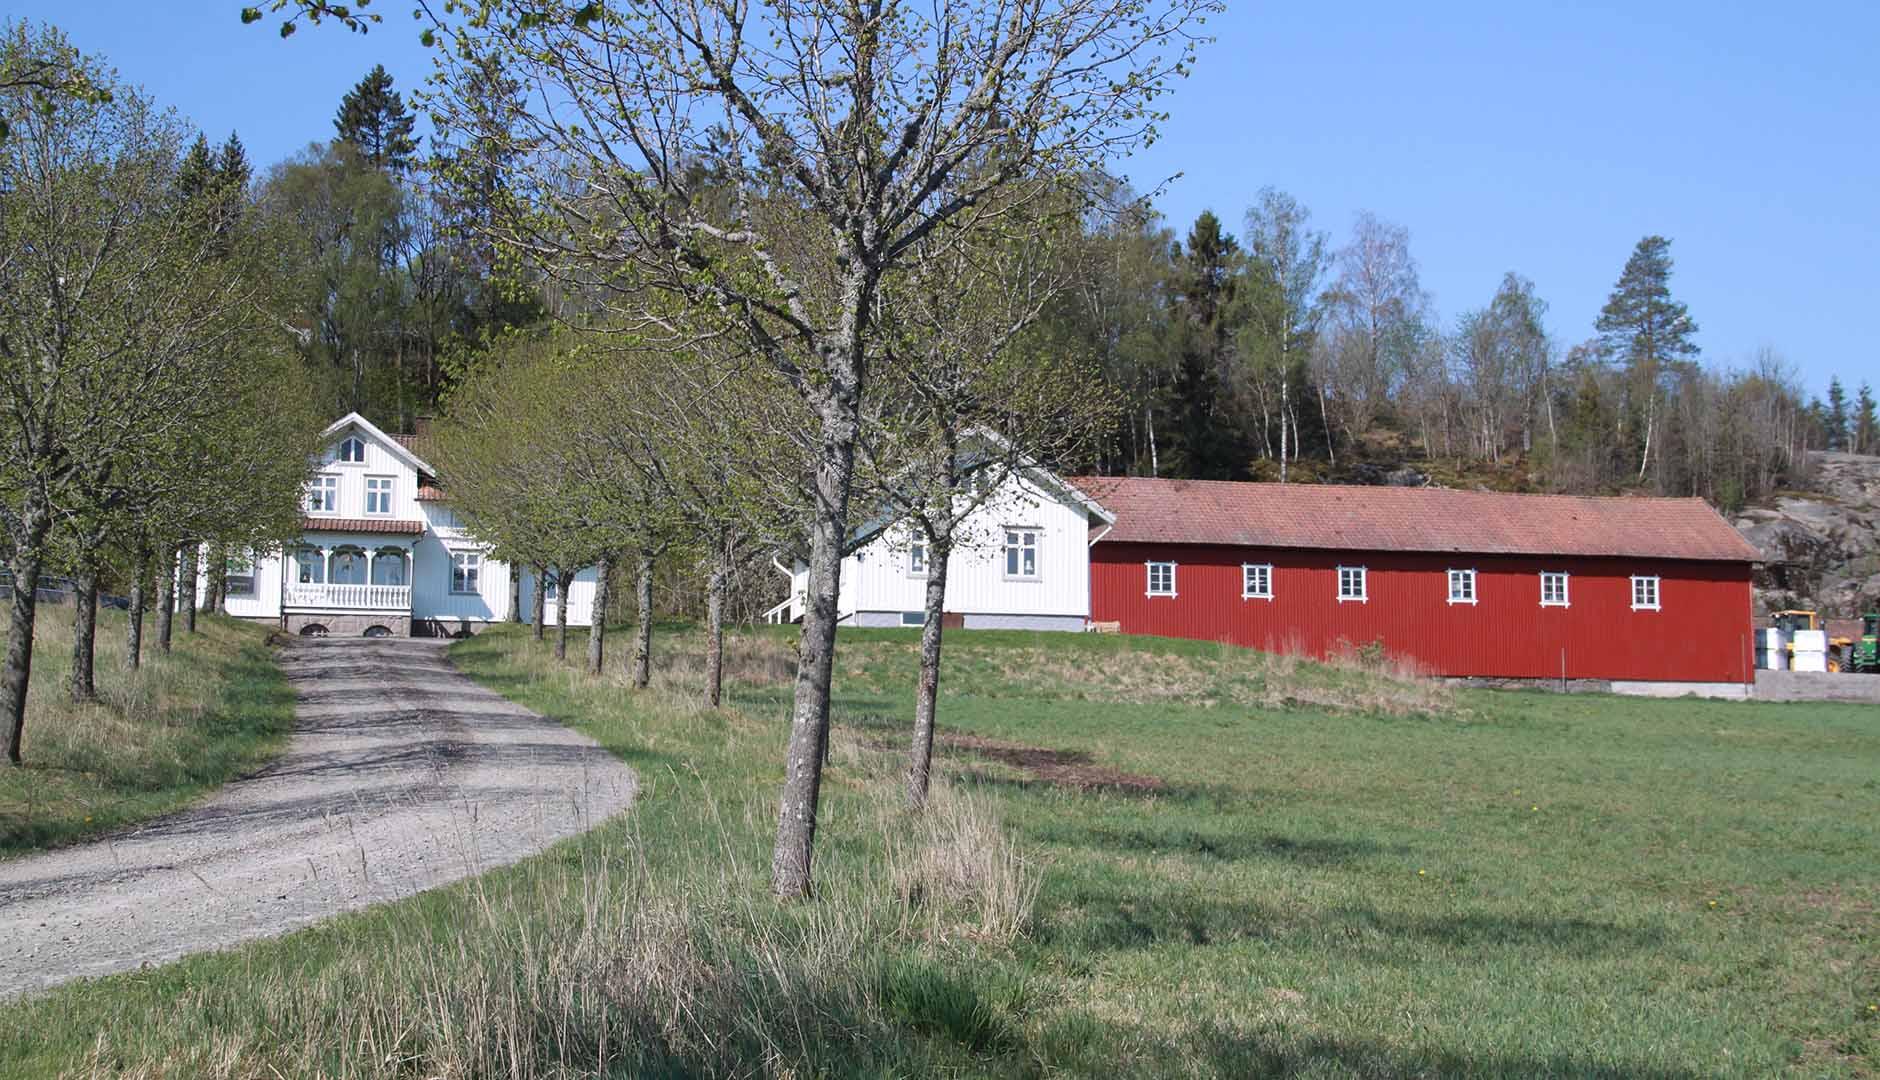 Stora Bränna gård där David Ivarsson bedriver verksamhet med stöttning av Business Region Göteborg